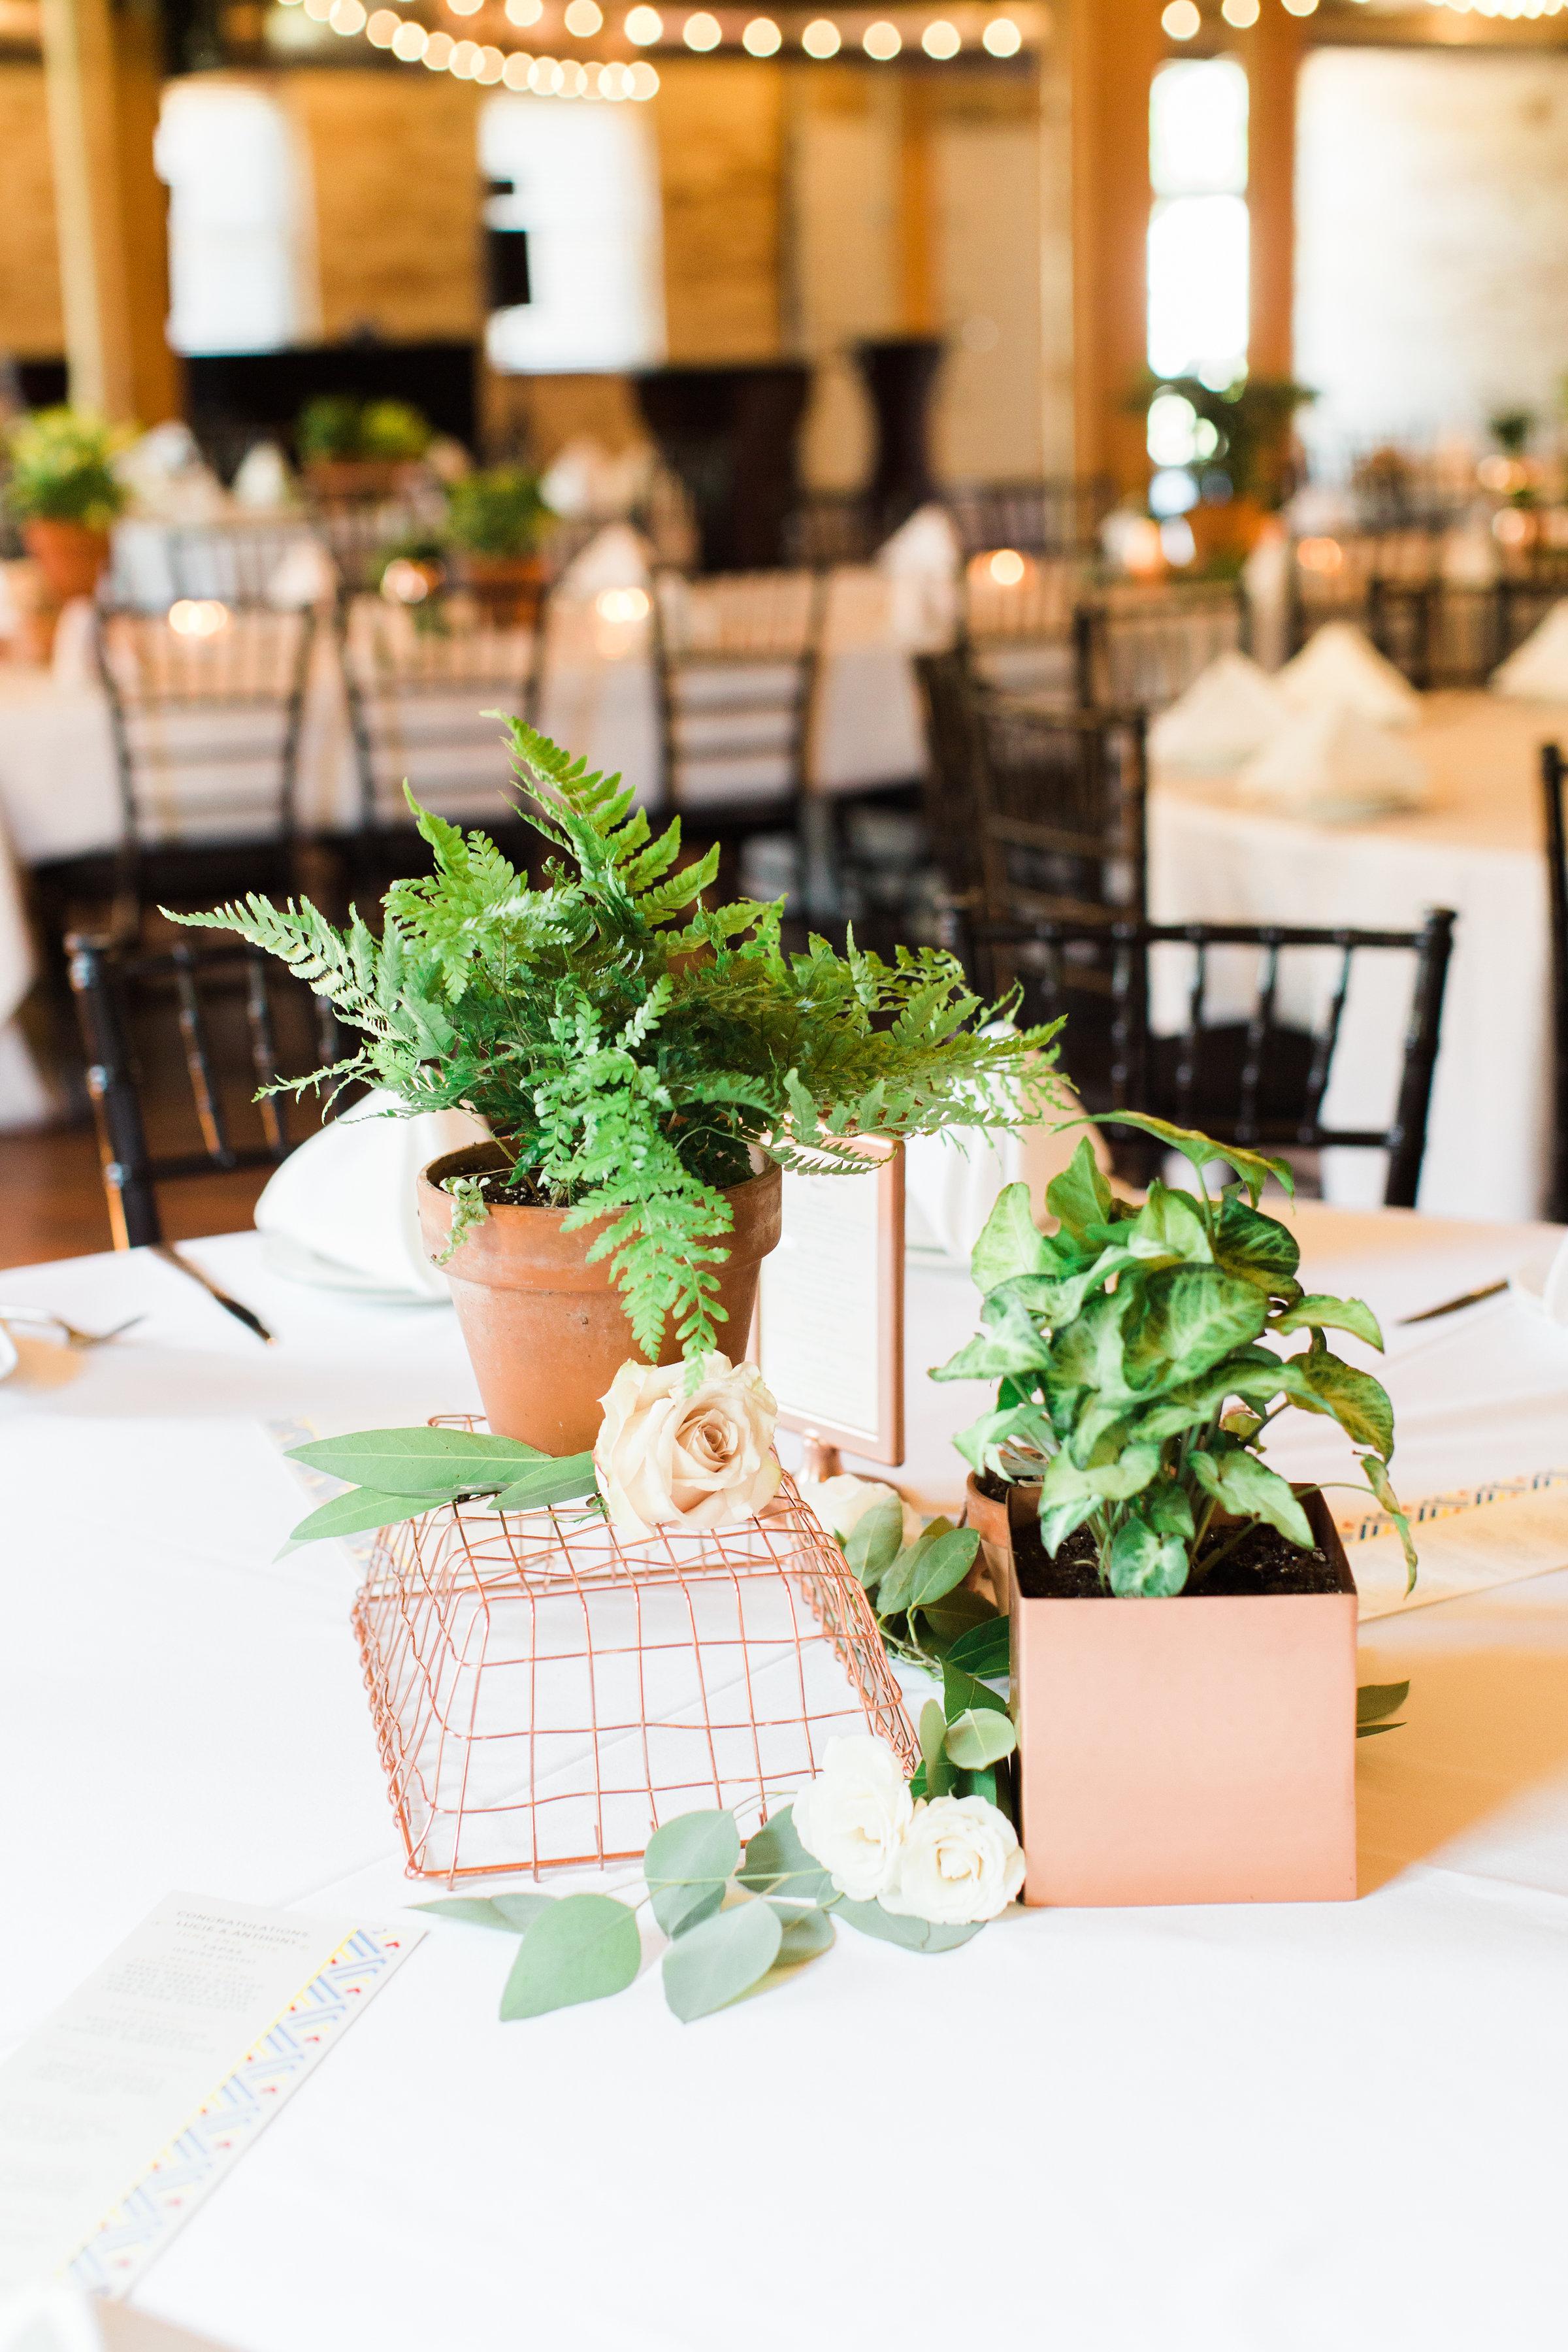 Julius+Wedding+Reception+Details-27.jpg